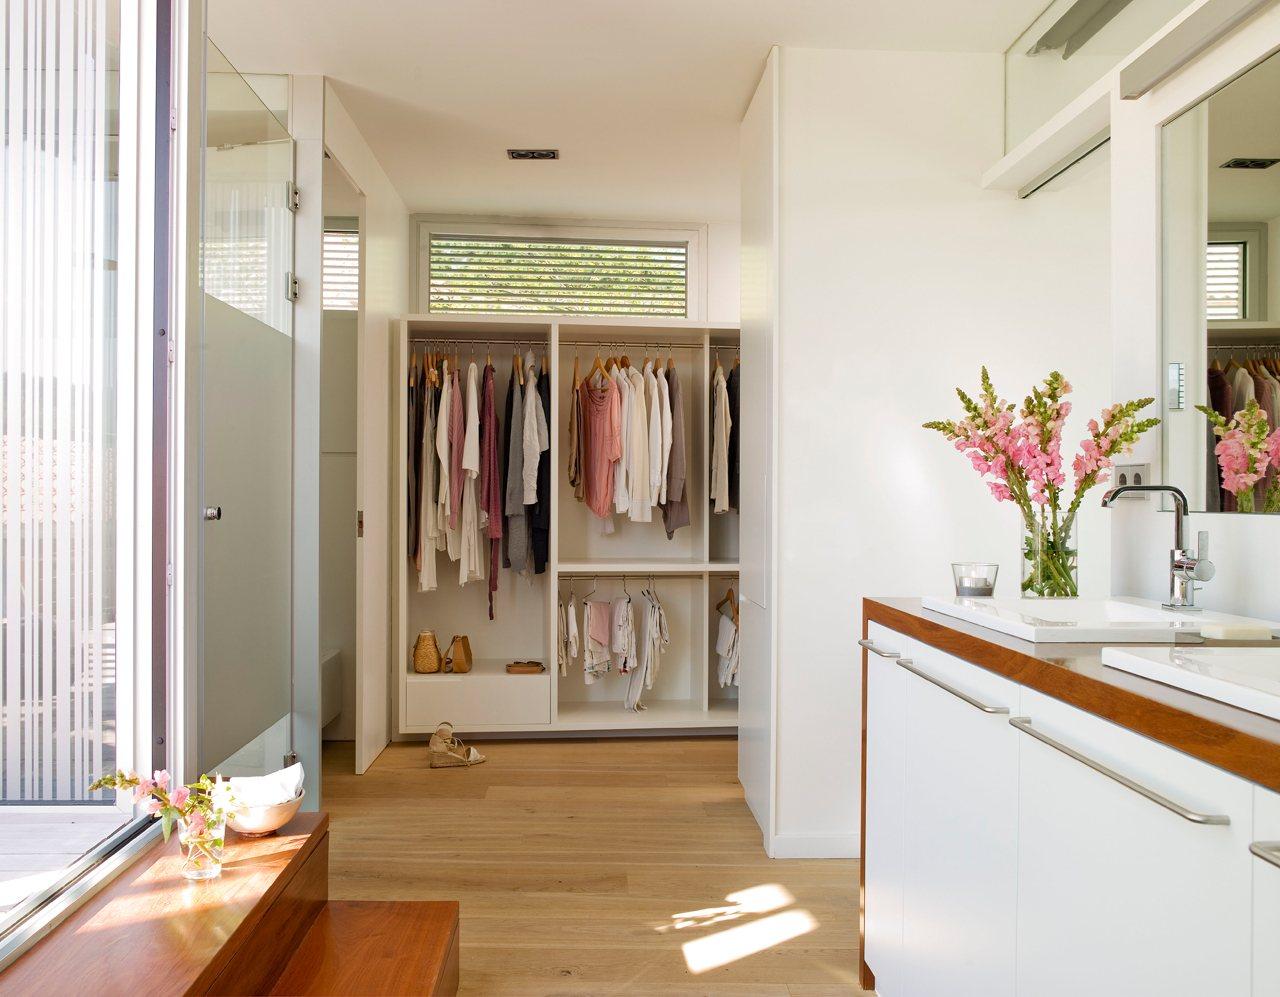 Baños Con Vestidor Planos:Un baño con vestidor luminoso y práctico